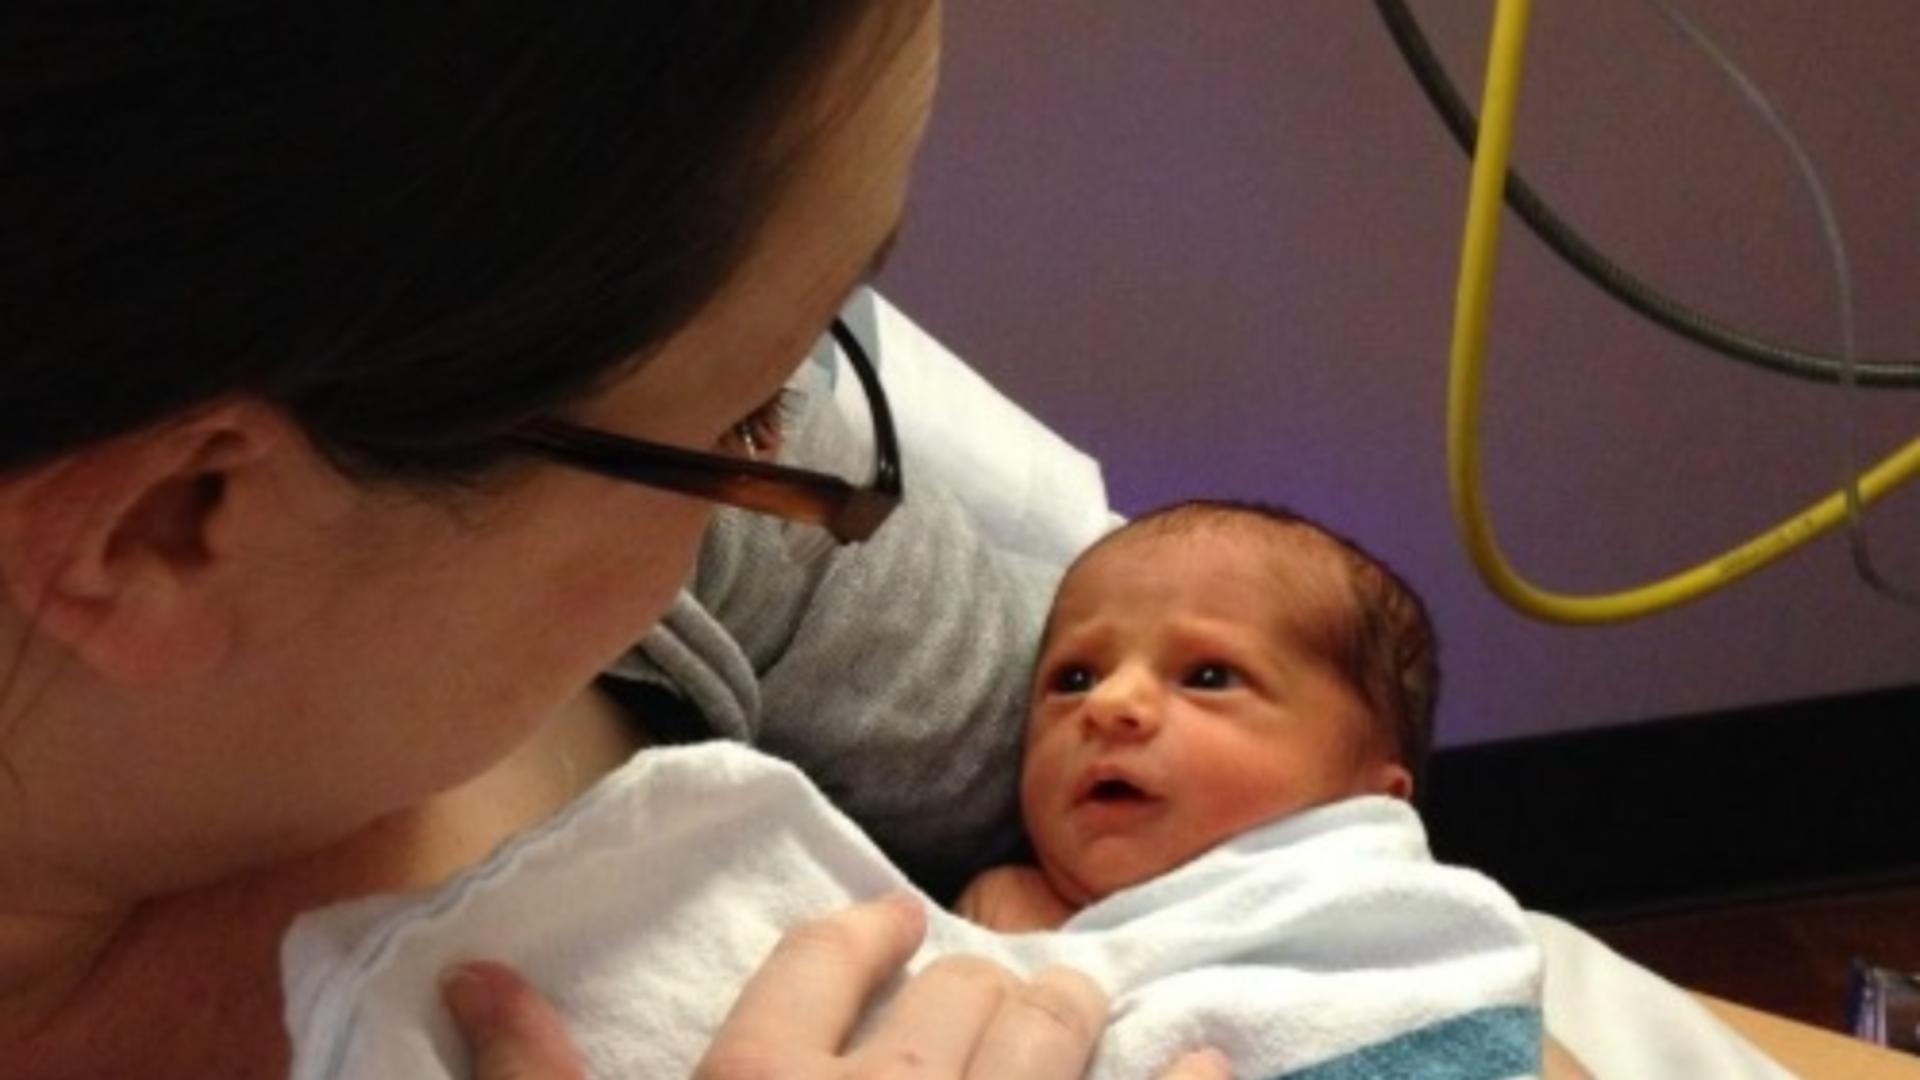 După 34 de săptămâni de sarcină, Casi Rott a născut trei copii de toată frumuseţea!